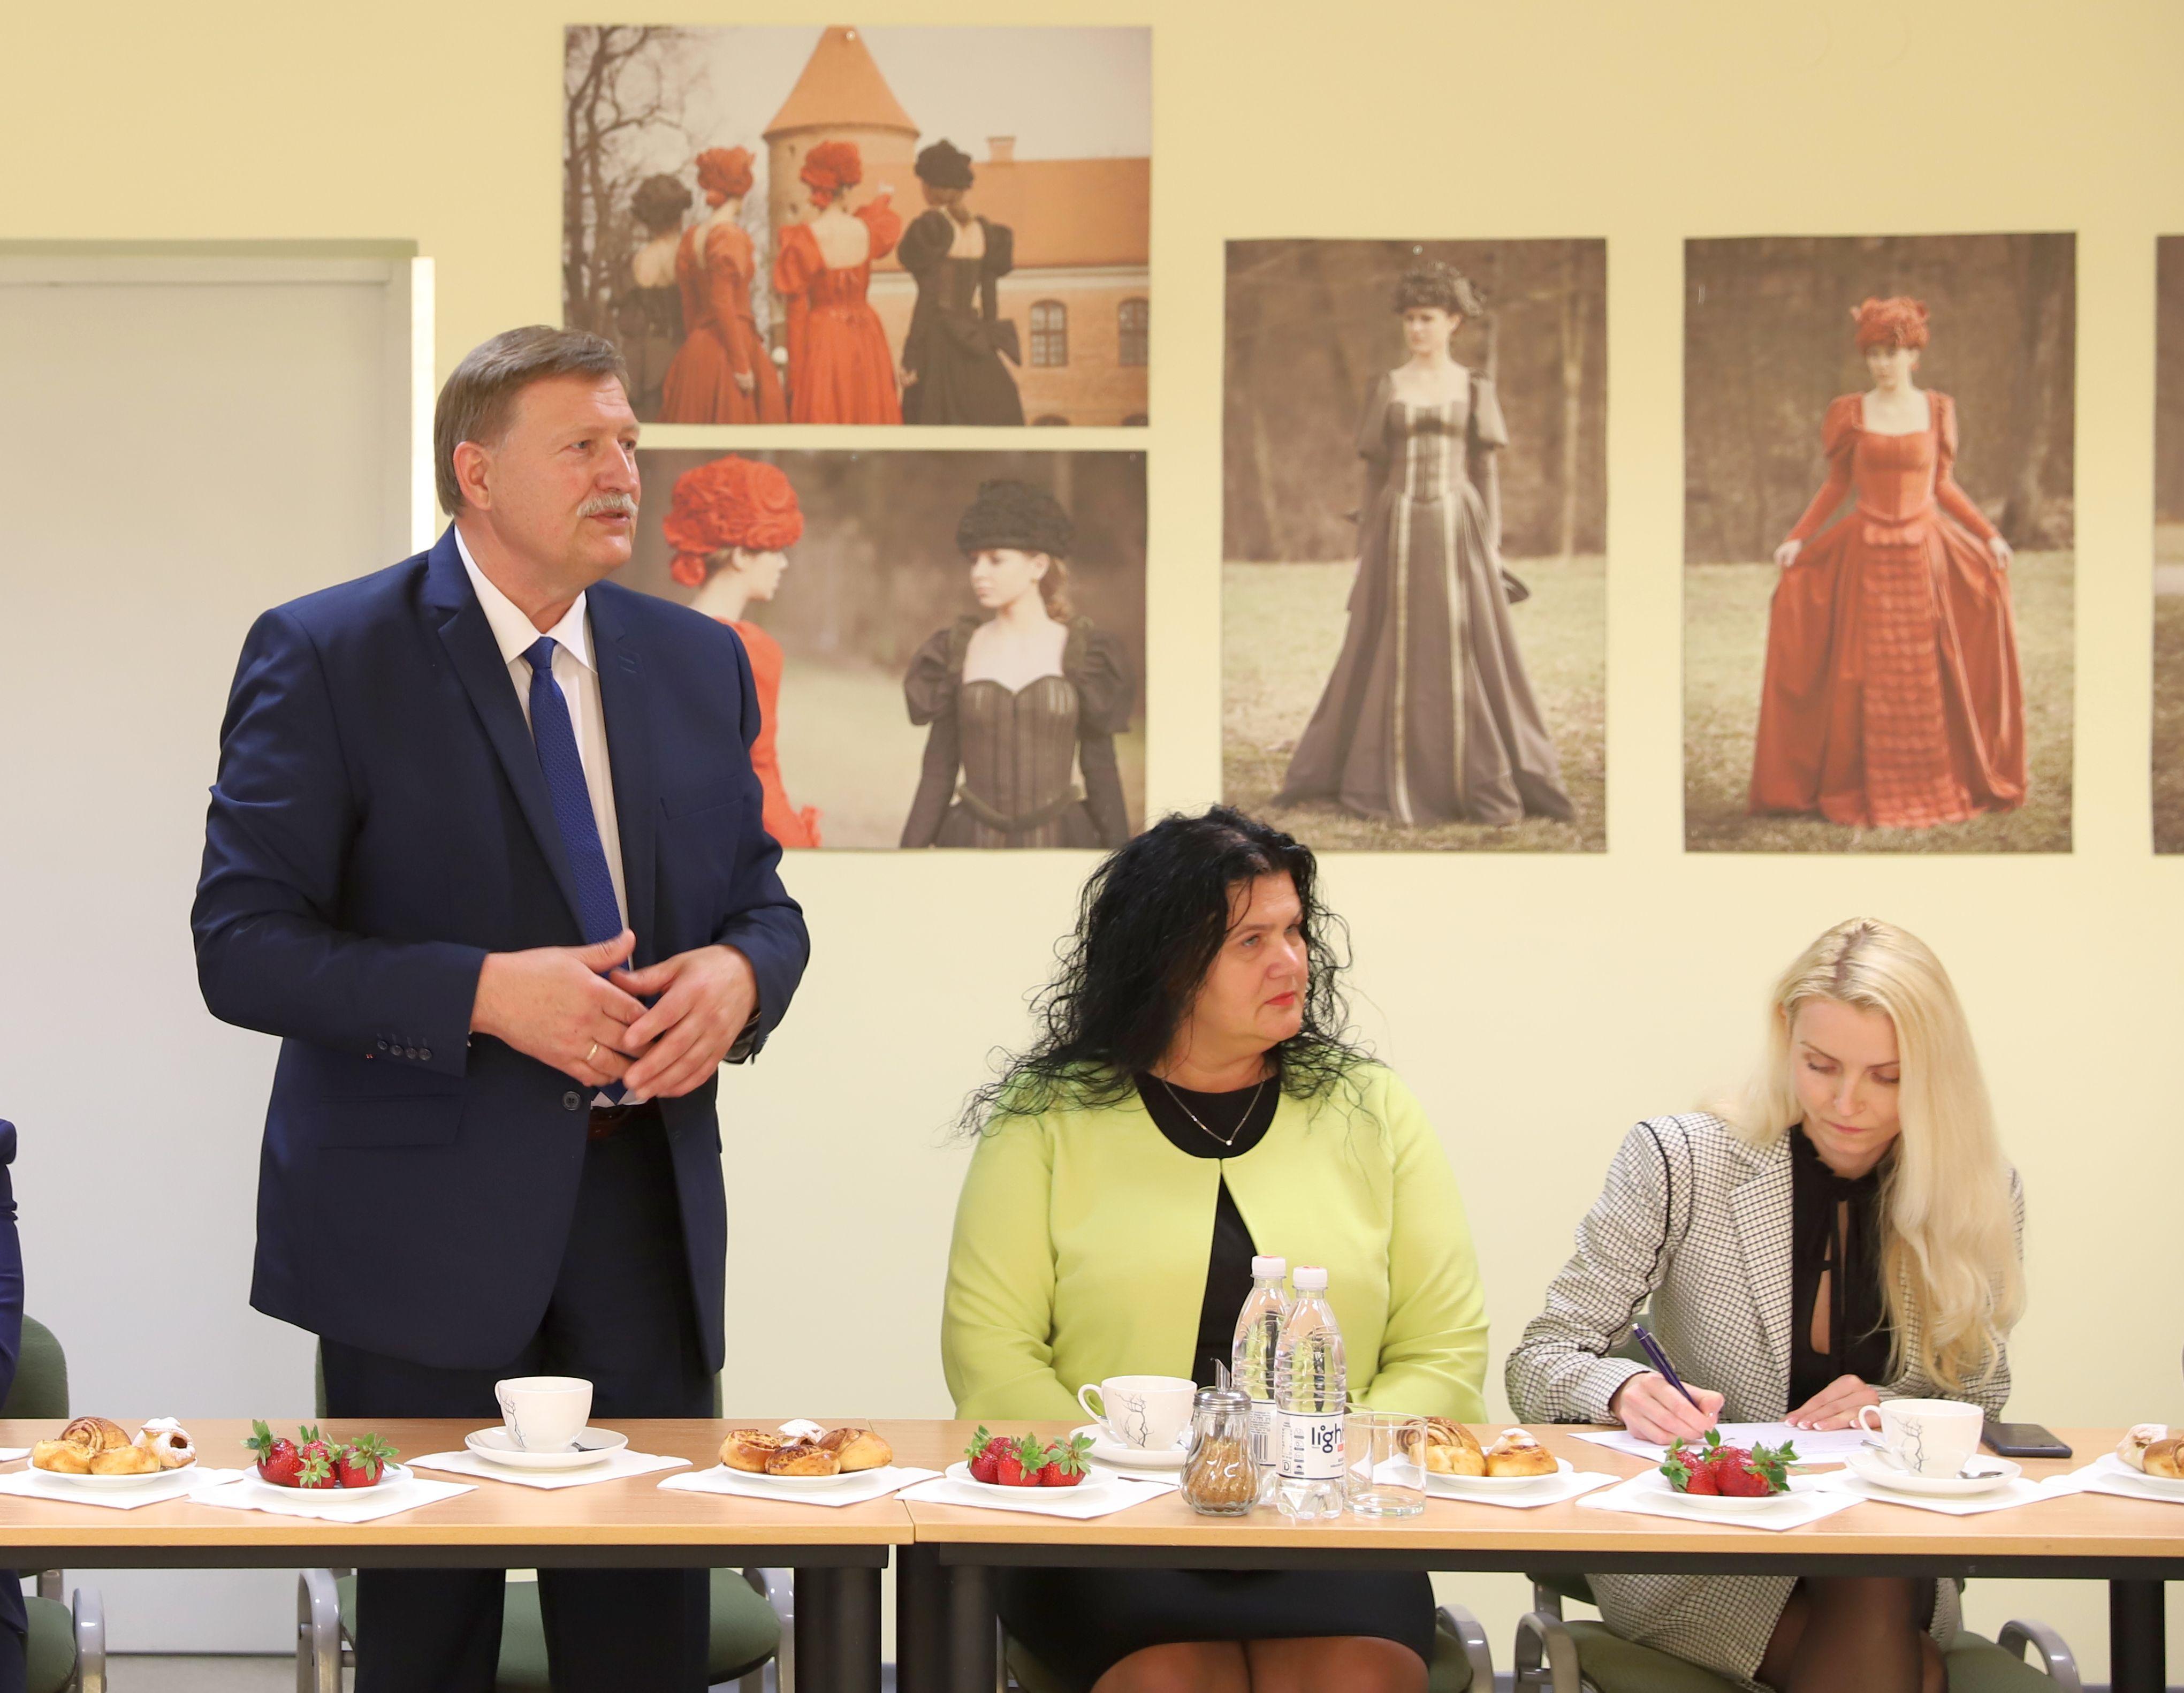 Seimo Sveikatos reikalų komitetas Lapių pagrindinėje mokykloje | Seimo Sveikatos reikalų komiteto nuotr.